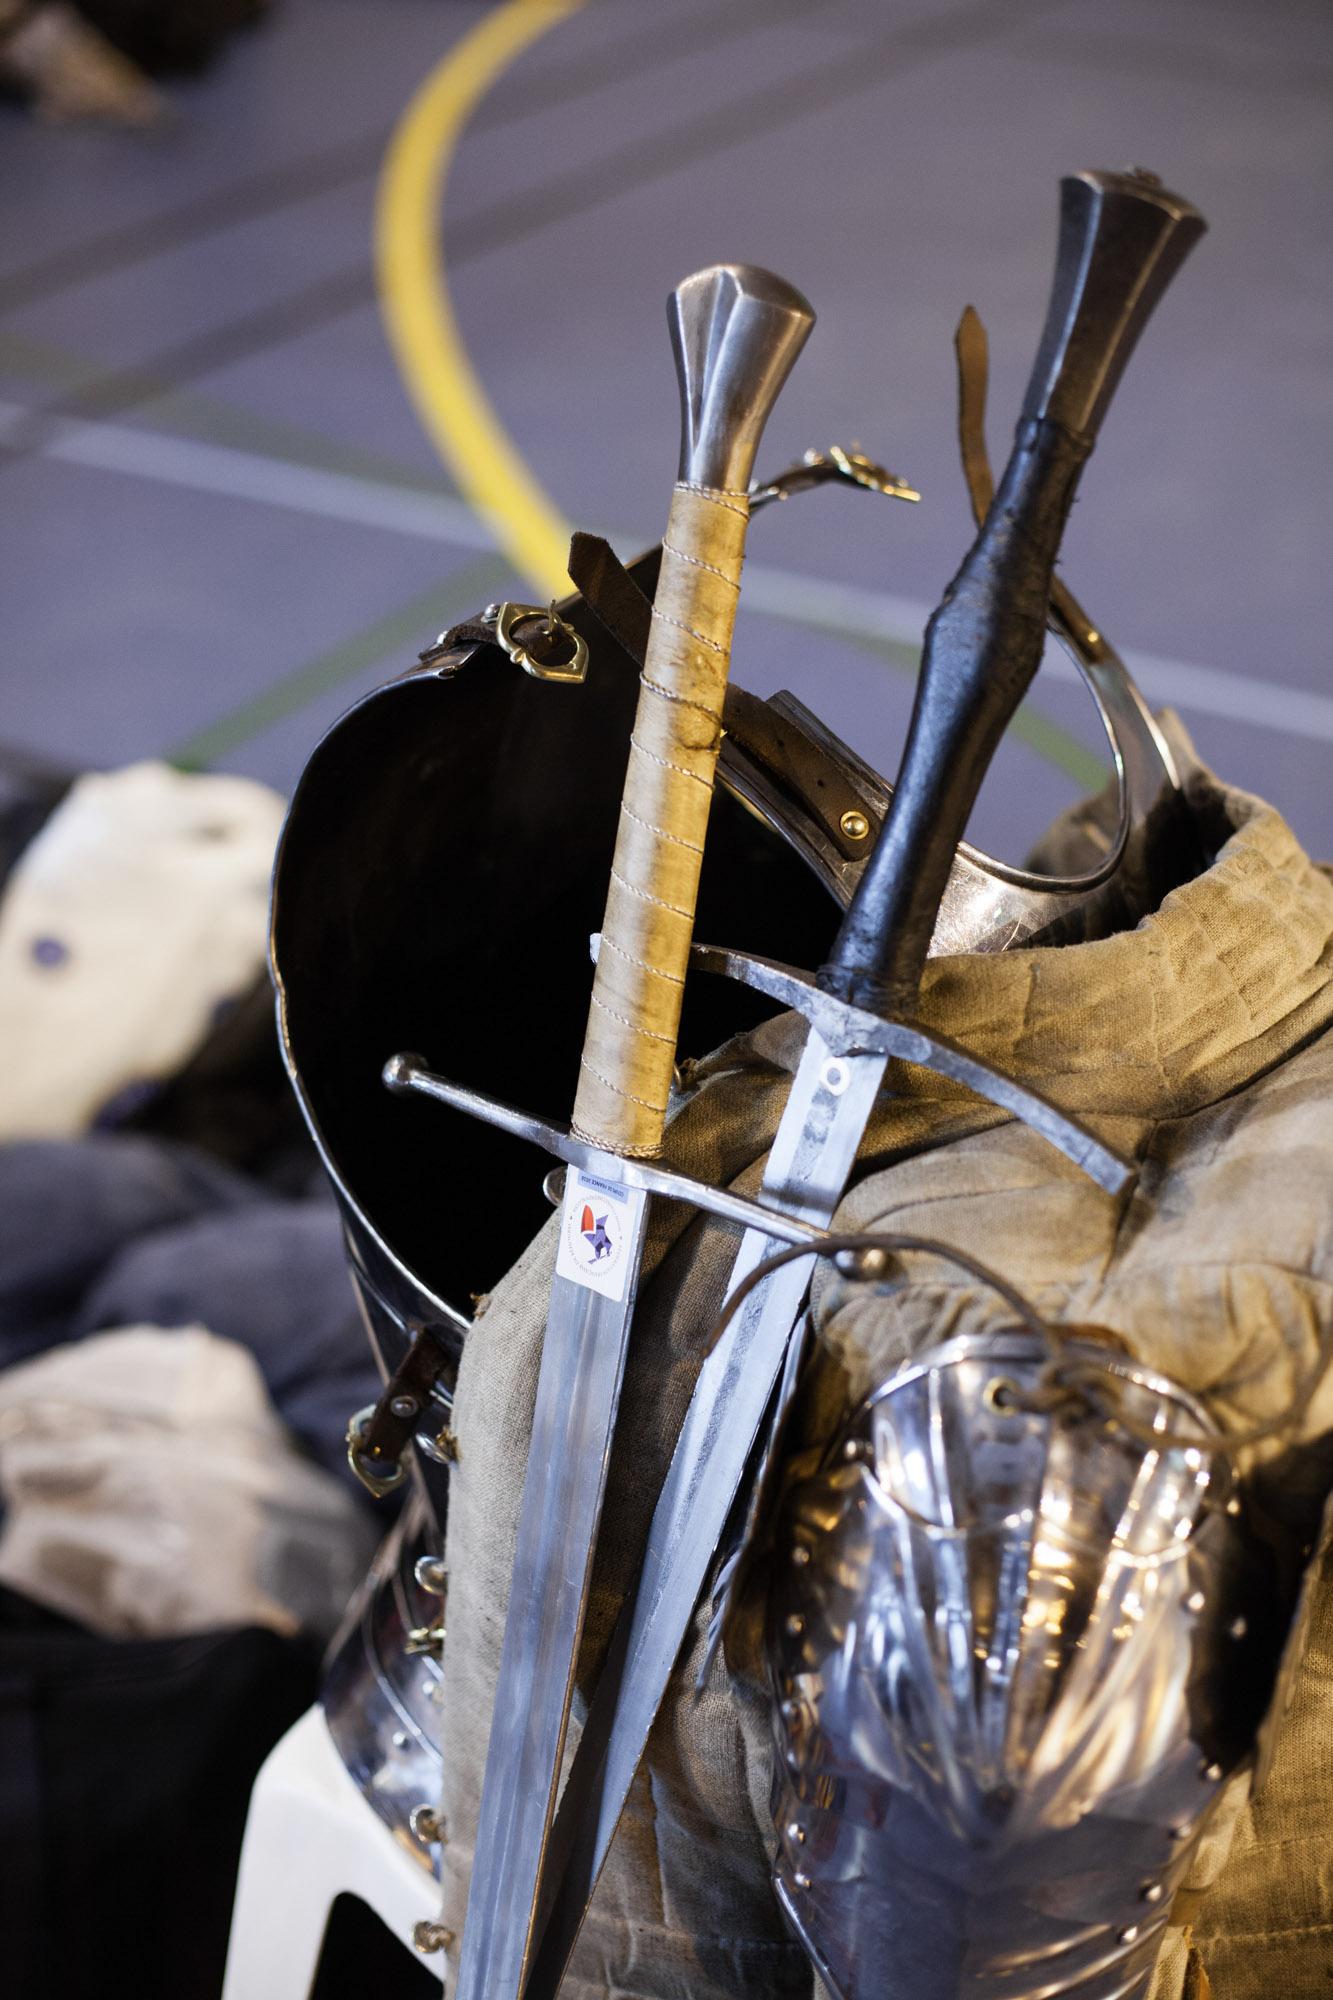 Des épées à deux mains sont entreposées avant un tournois en duel à Carrière Sous Poissy en région parisienne. Février 2018.